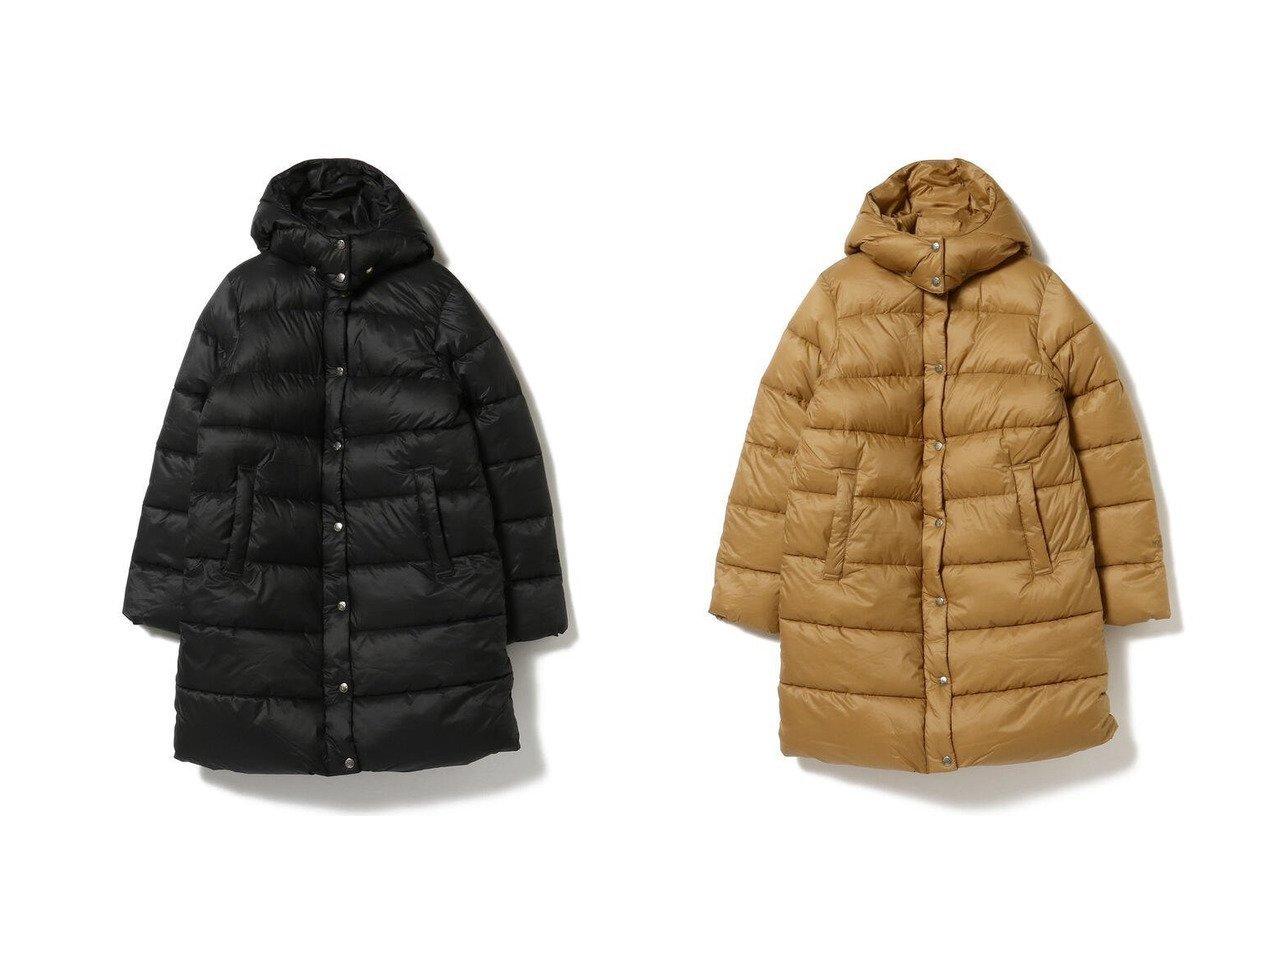 【Ray BEAMS/レイ ビームス】の【WEB限定】 Camp Sierra Long Coat 別注・限定・コラボなど、おすすめで人気!ファッション通販 おすすめで人気のファッション通販商品 インテリア・家具・キッズファッション・メンズファッション・レディースファッション・服の通販 founy(ファニー) https://founy.com/ ファッション Fashion レディース WOMEN アウター Coat Outerwear コート Coats アウトドア ダウン パーカー ランニング ロング |ID:crp329100000004536